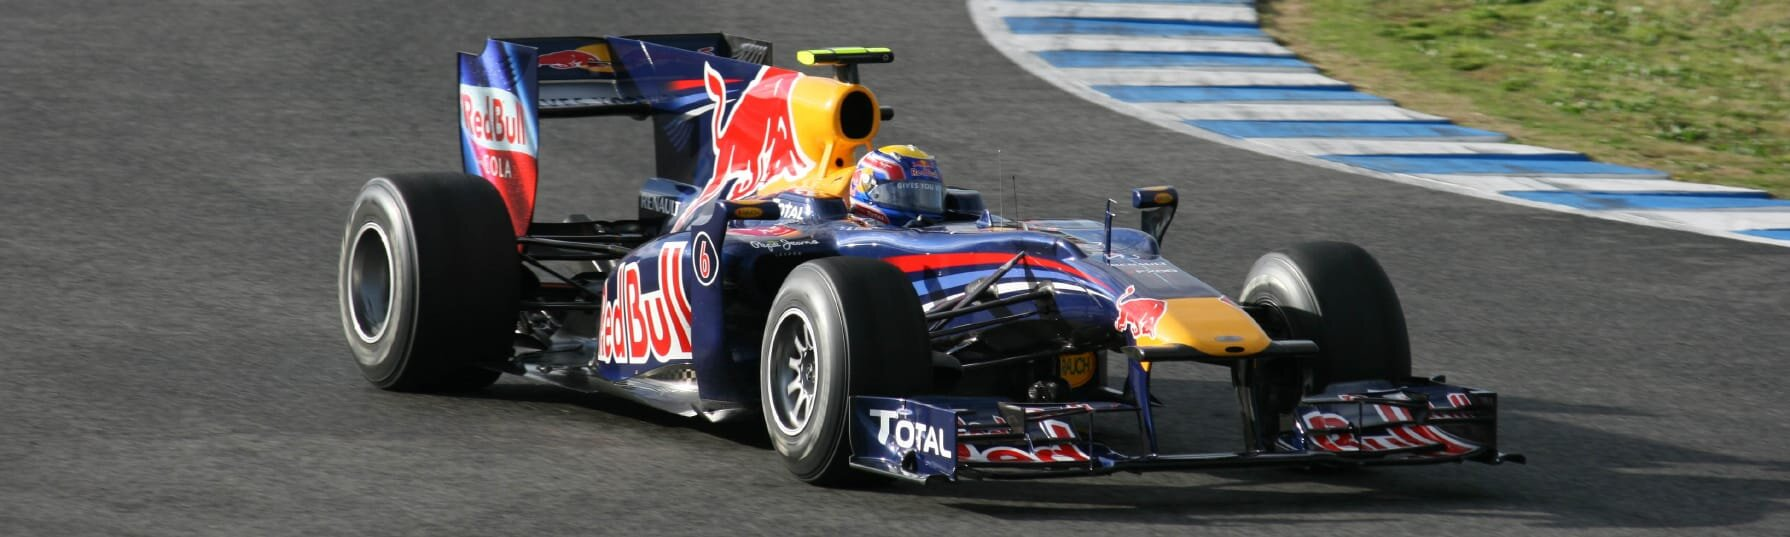 Red Bull RB6 2010 - Sebastian Vettel